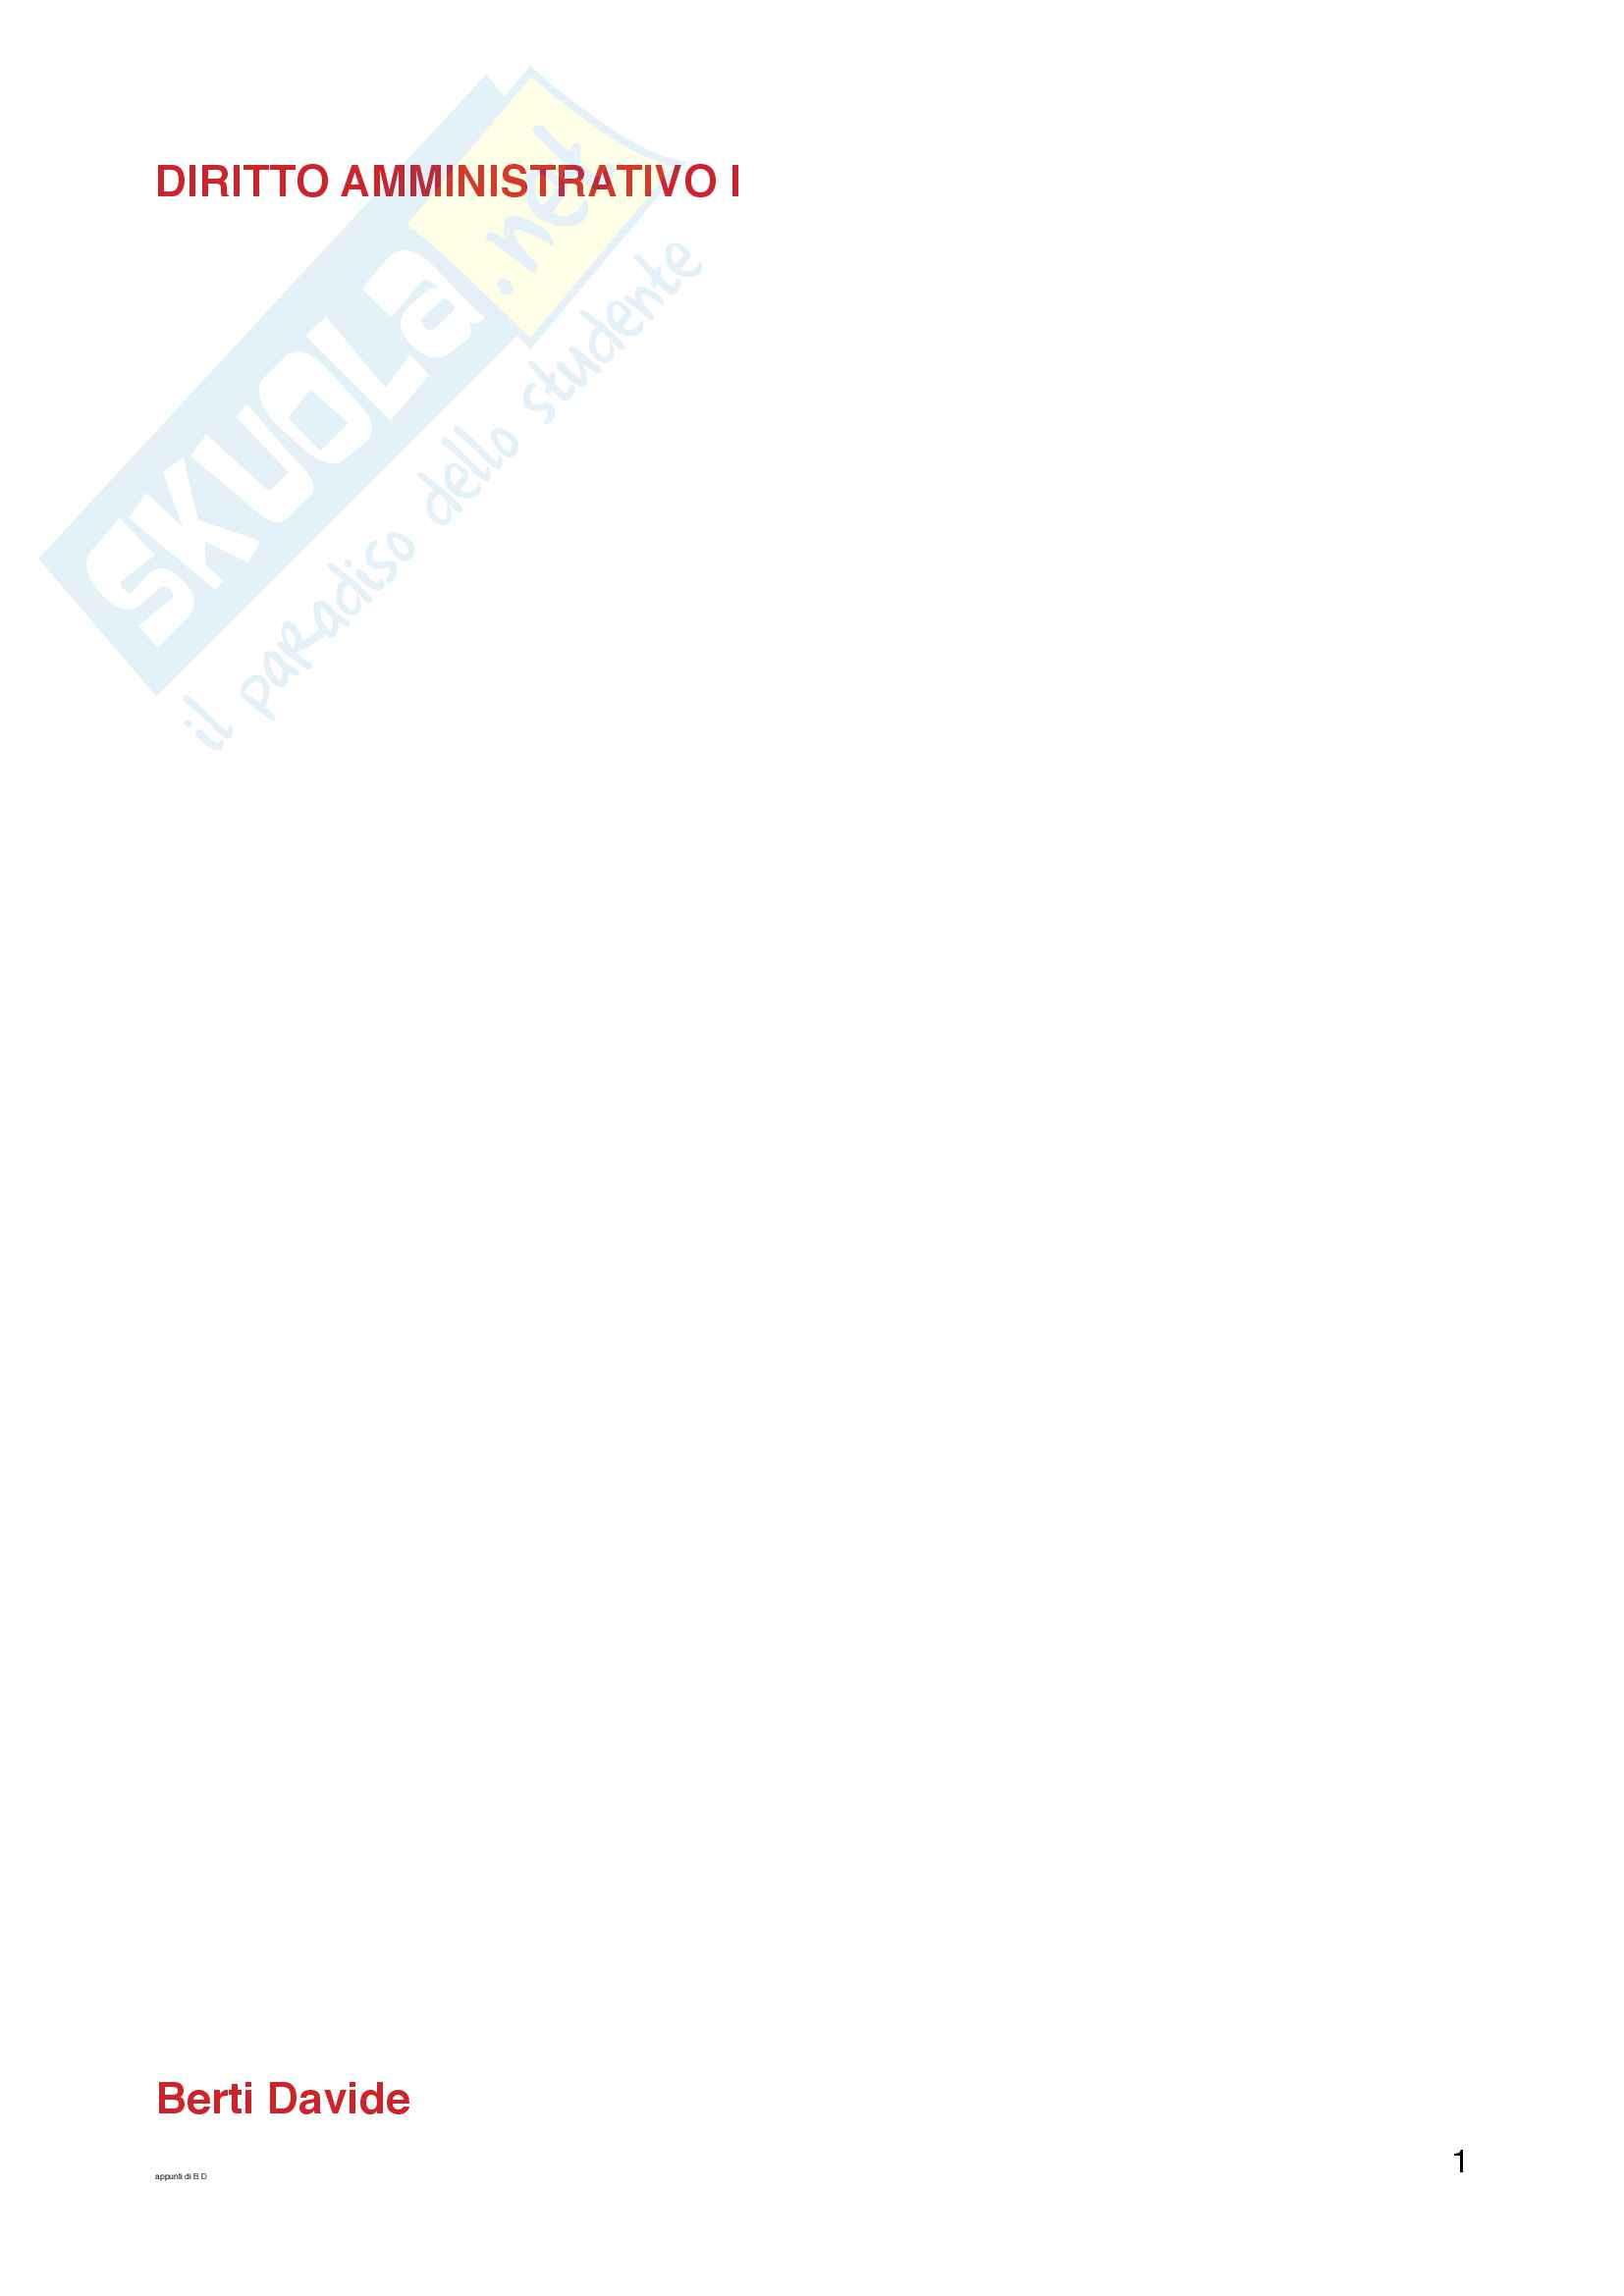 Diritto amministrativo 1 PDF